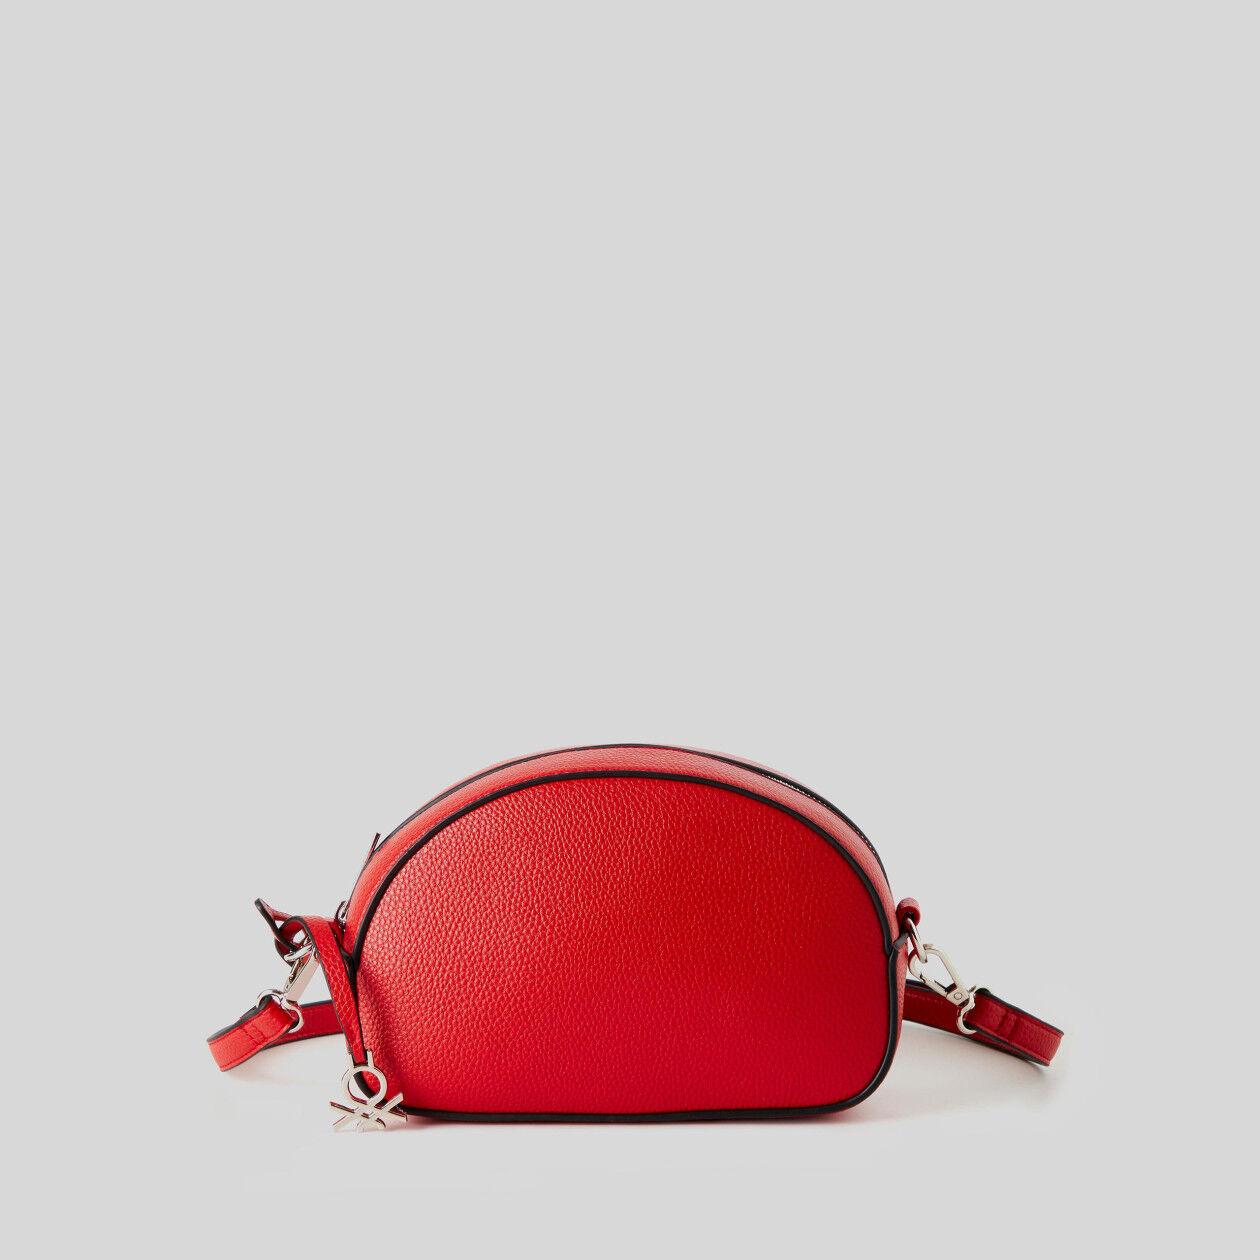 Τσάντα κρεμαστή με φερμουάρ